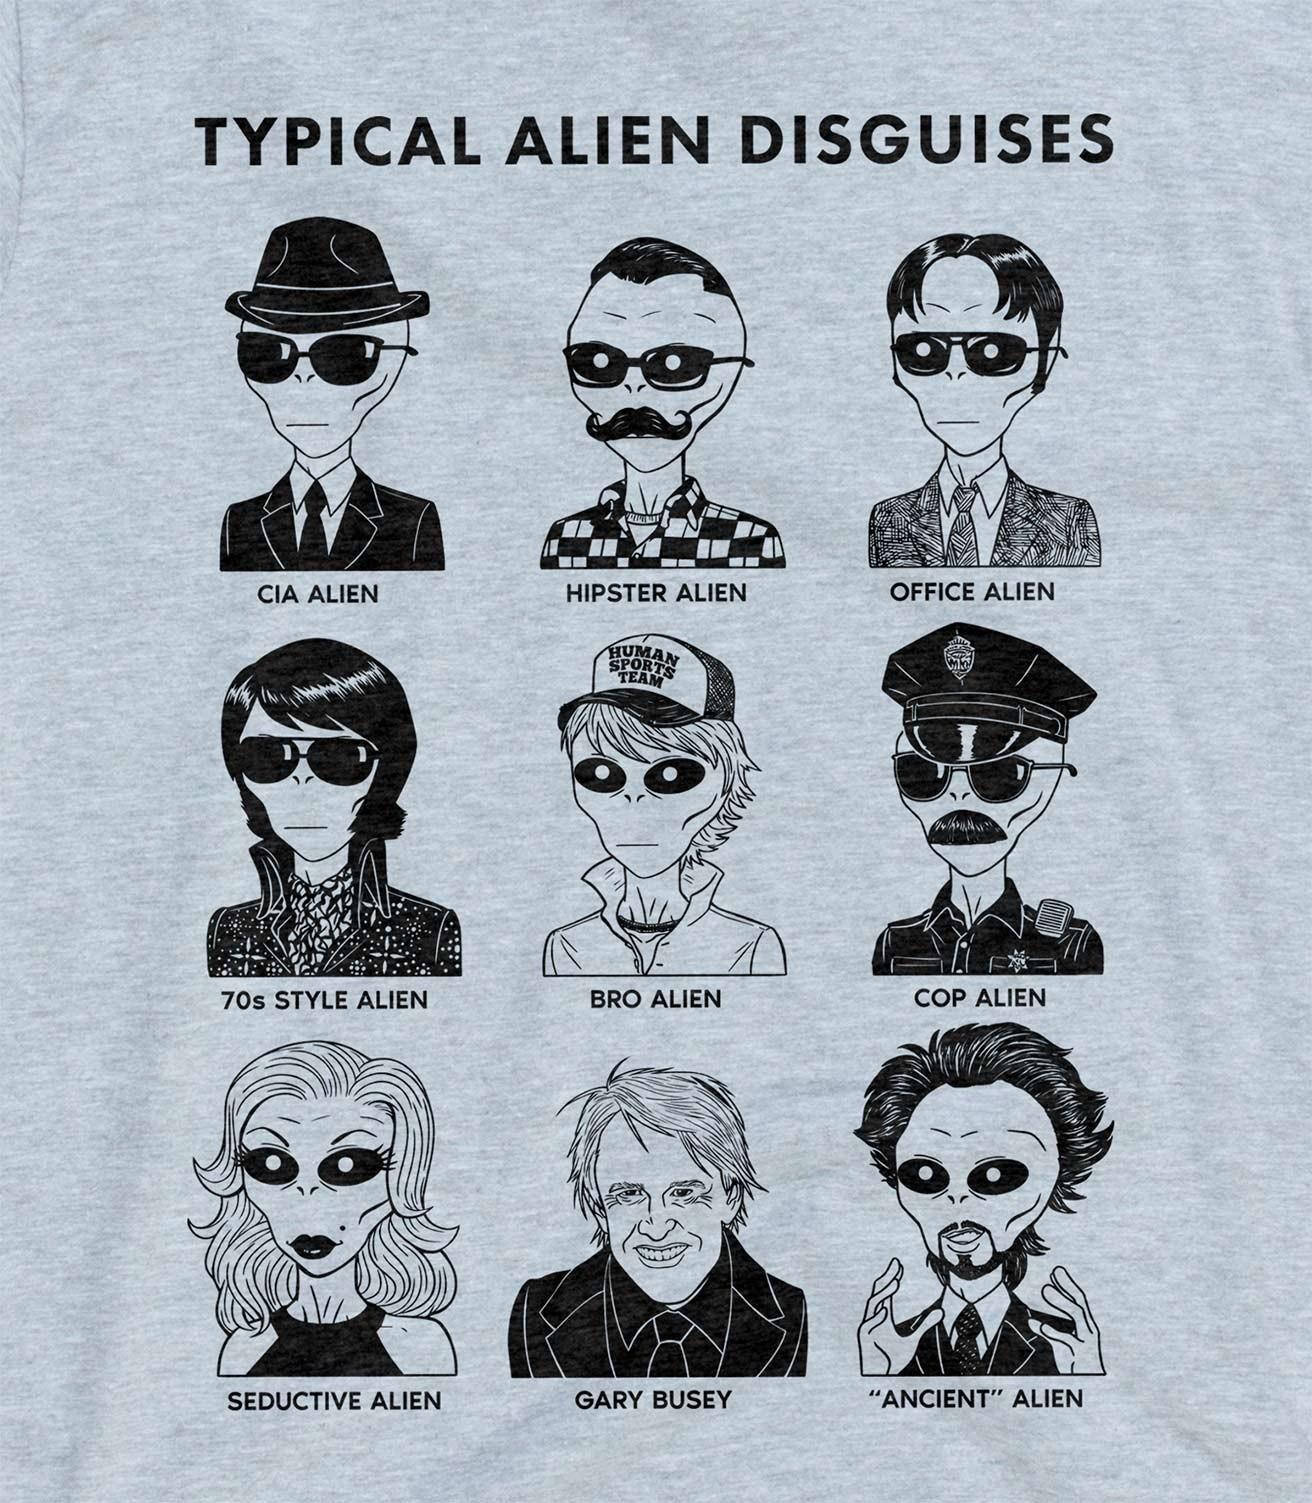 51e58c11d Typical Alien Disguises